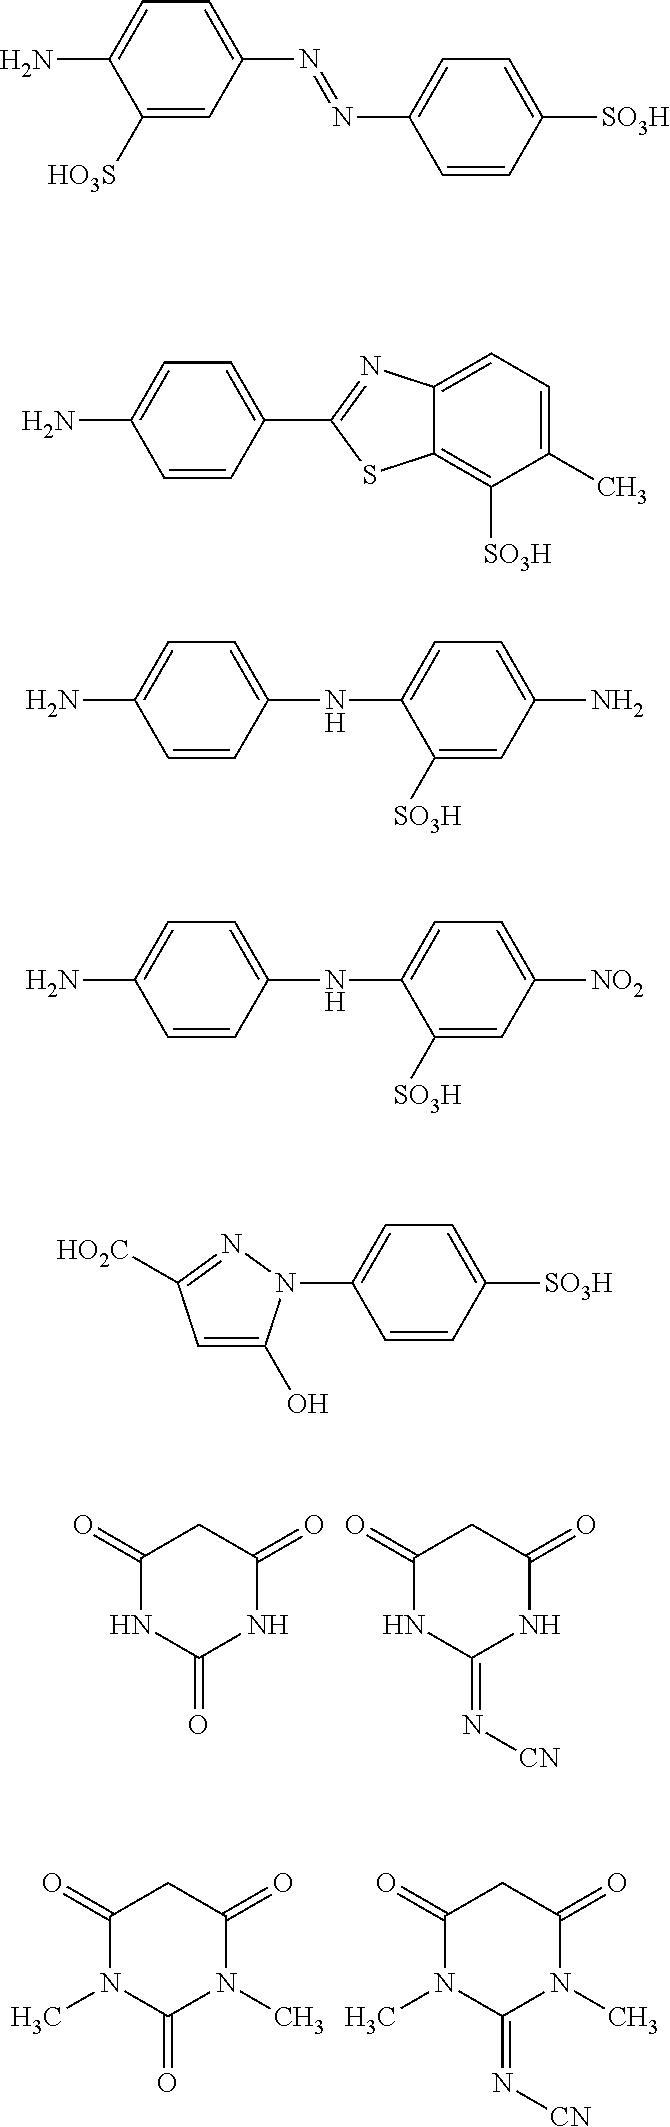 Figure US08734532-20140527-C00026